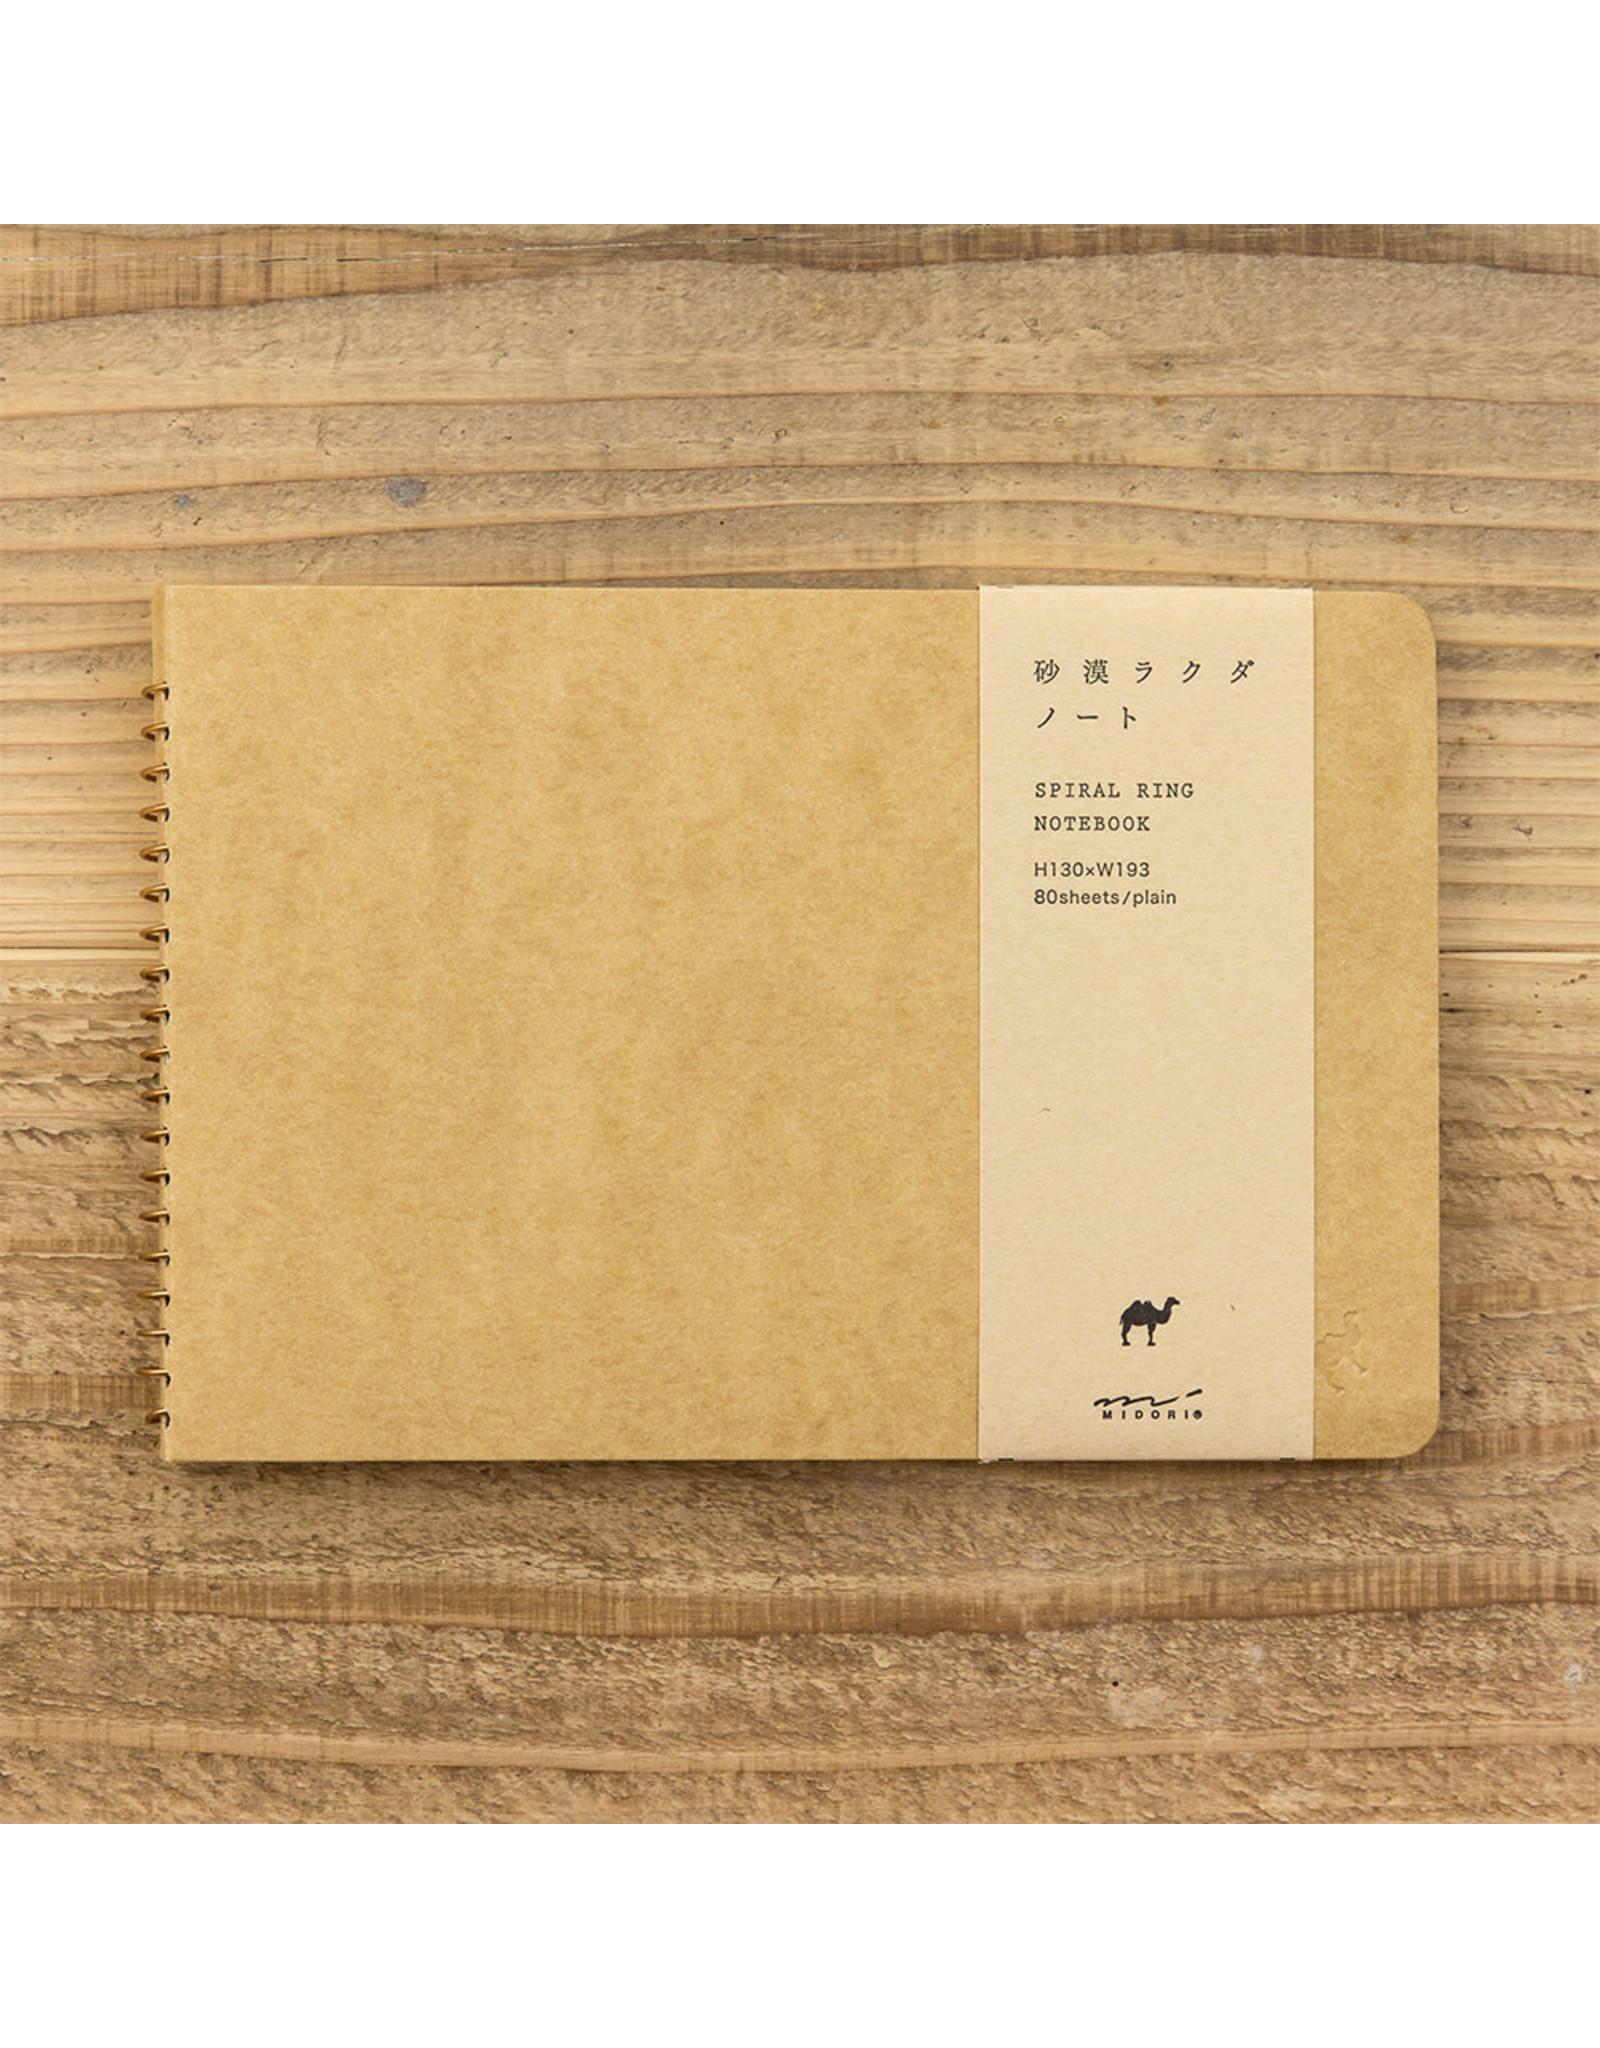 Designphil Inc. SPIRAL RING NOTEBOOK BLANK RAKUDA